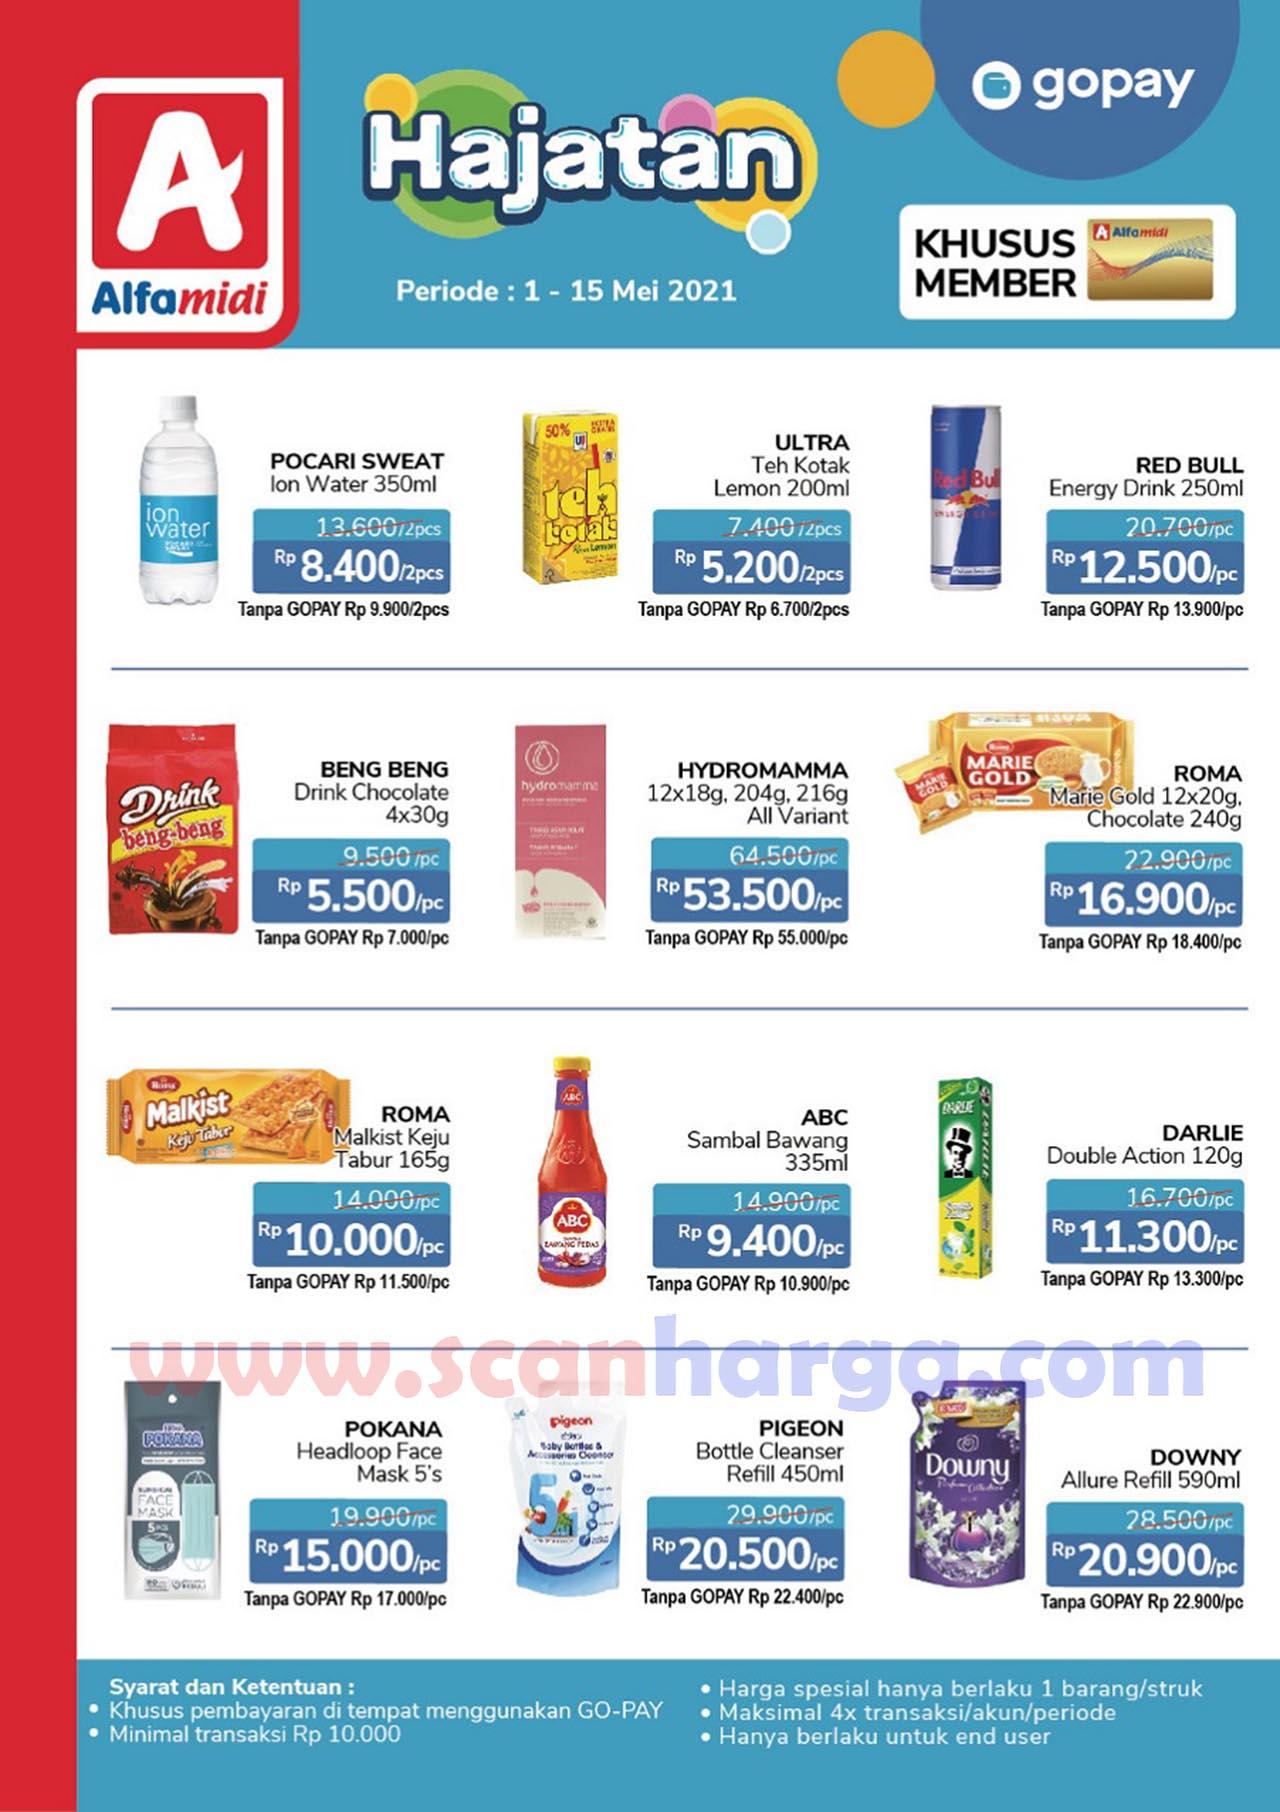 Promo Alfamidi Hajatan GOPAY Periode 1 - 15 Mei 2021 1